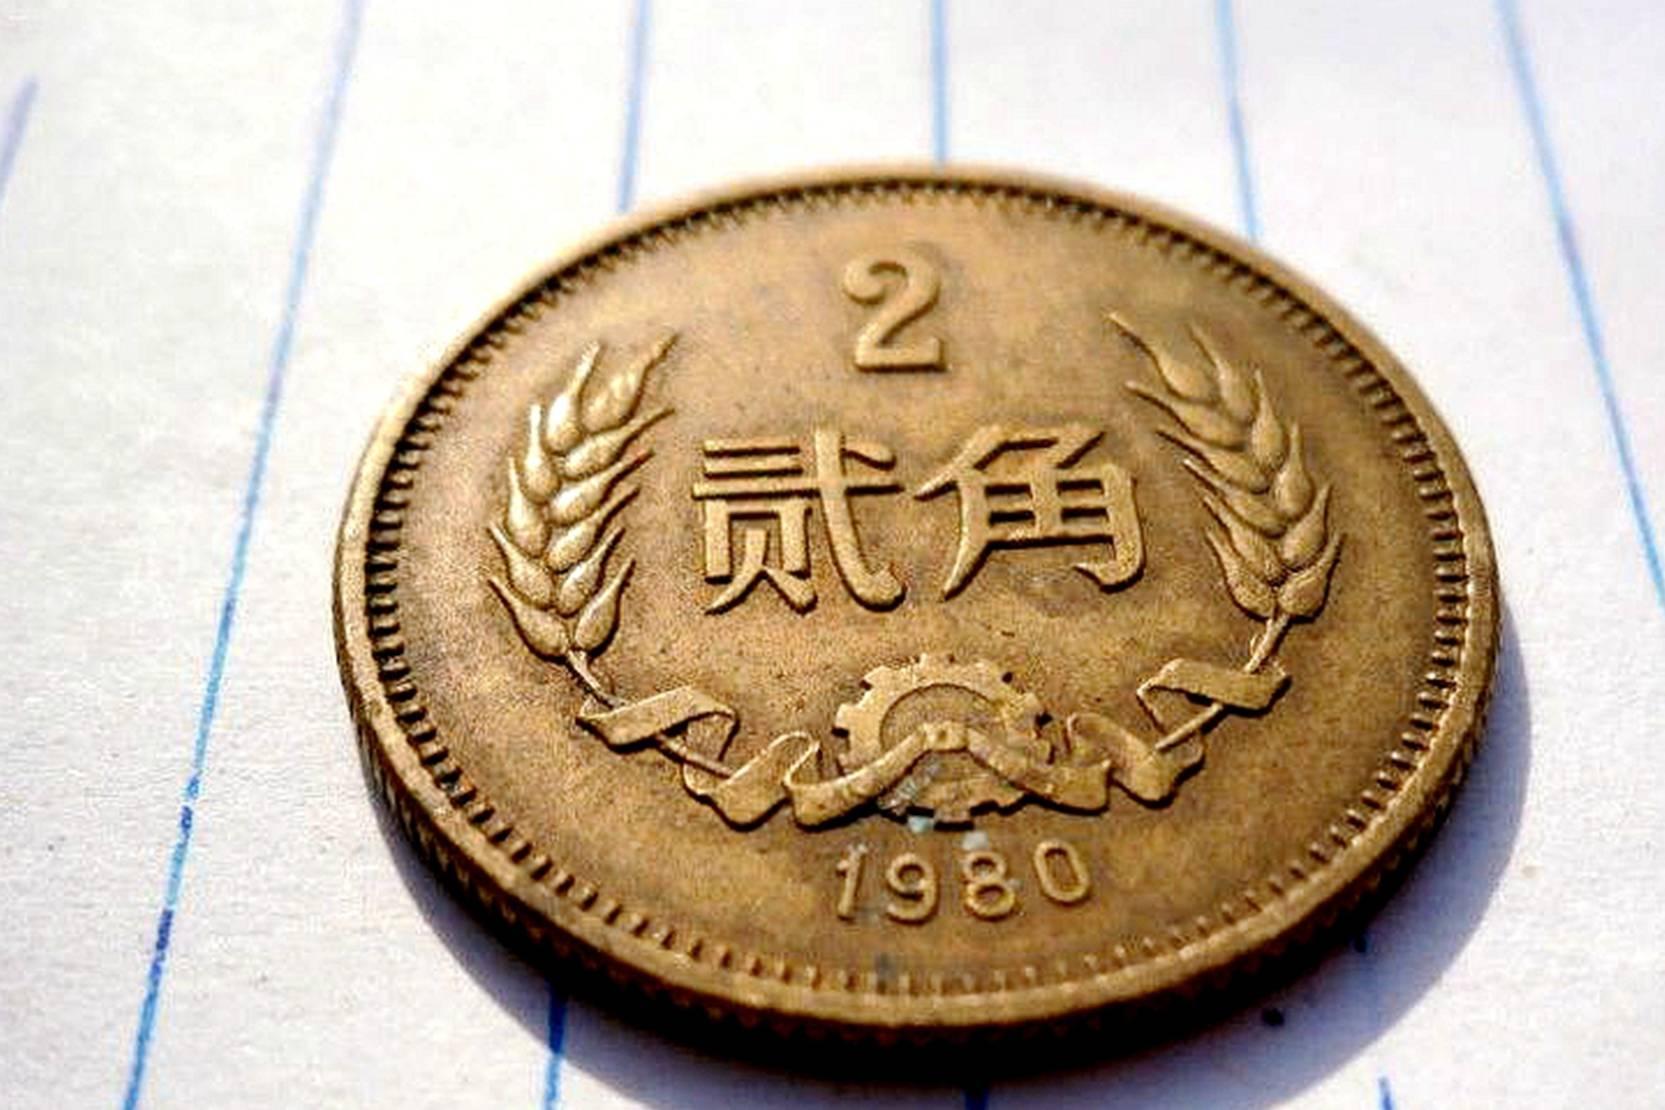 1981年1角铜币收购价格